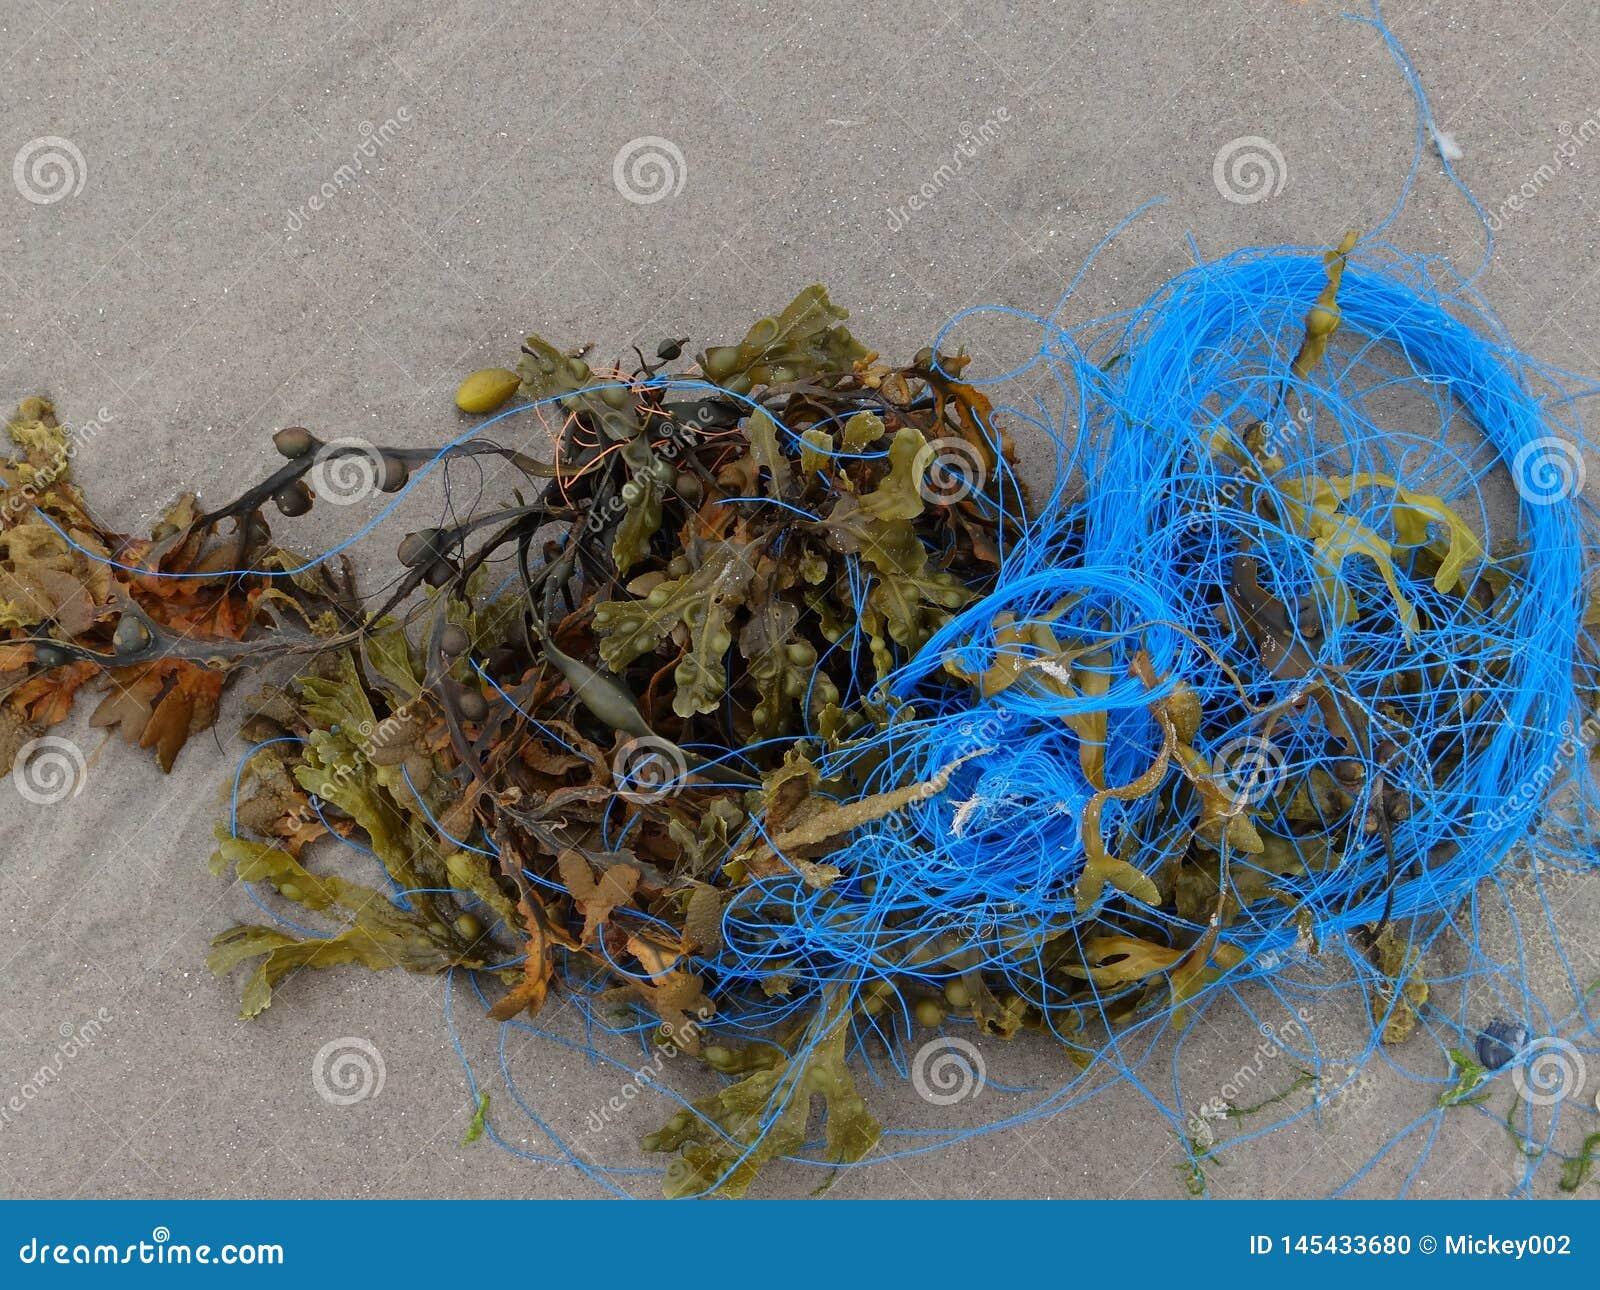 Meerespflanze und blaues Seil